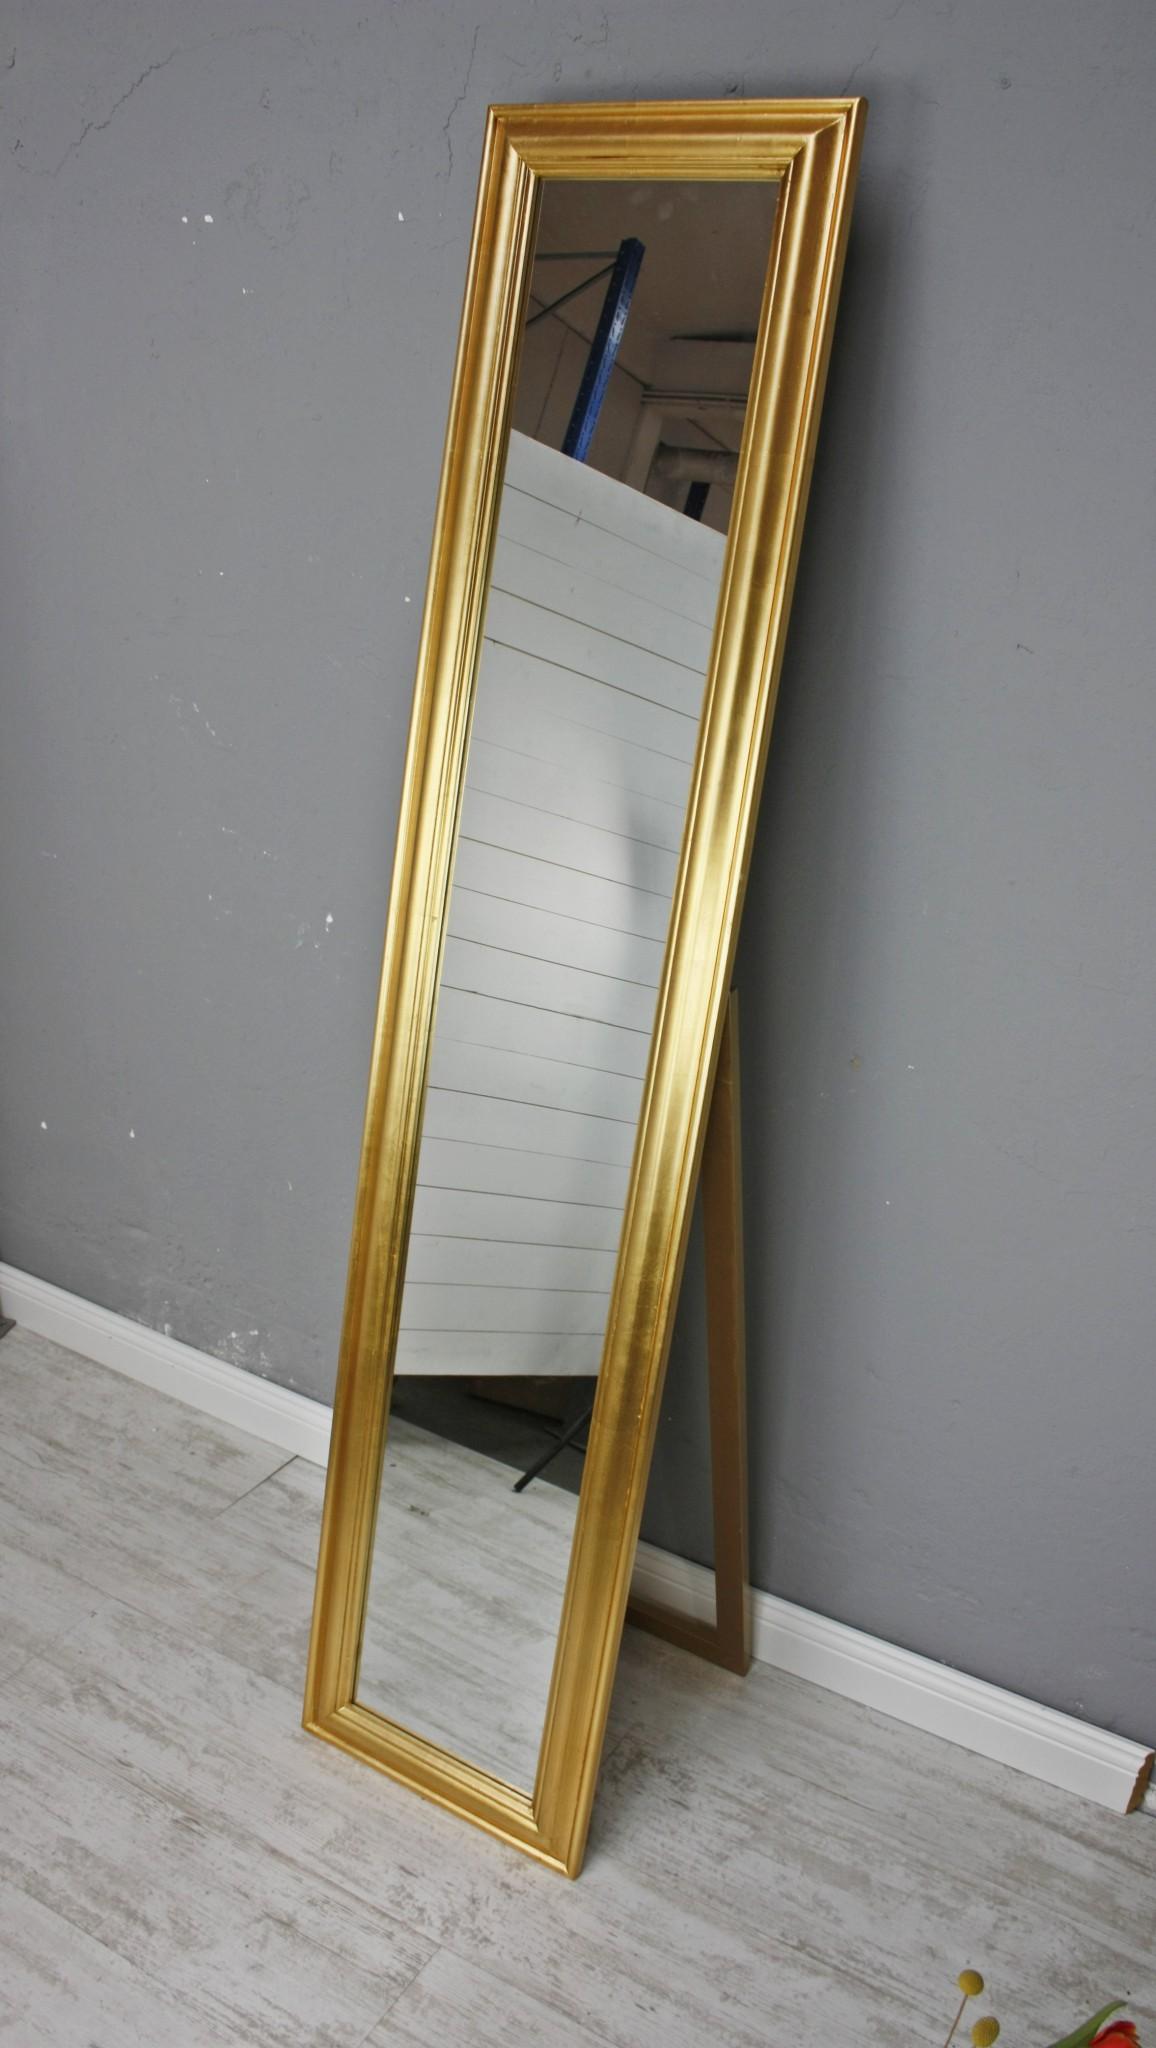 spiegel 180 wandspiegel standspiegel gold holz landhaus. Black Bedroom Furniture Sets. Home Design Ideas